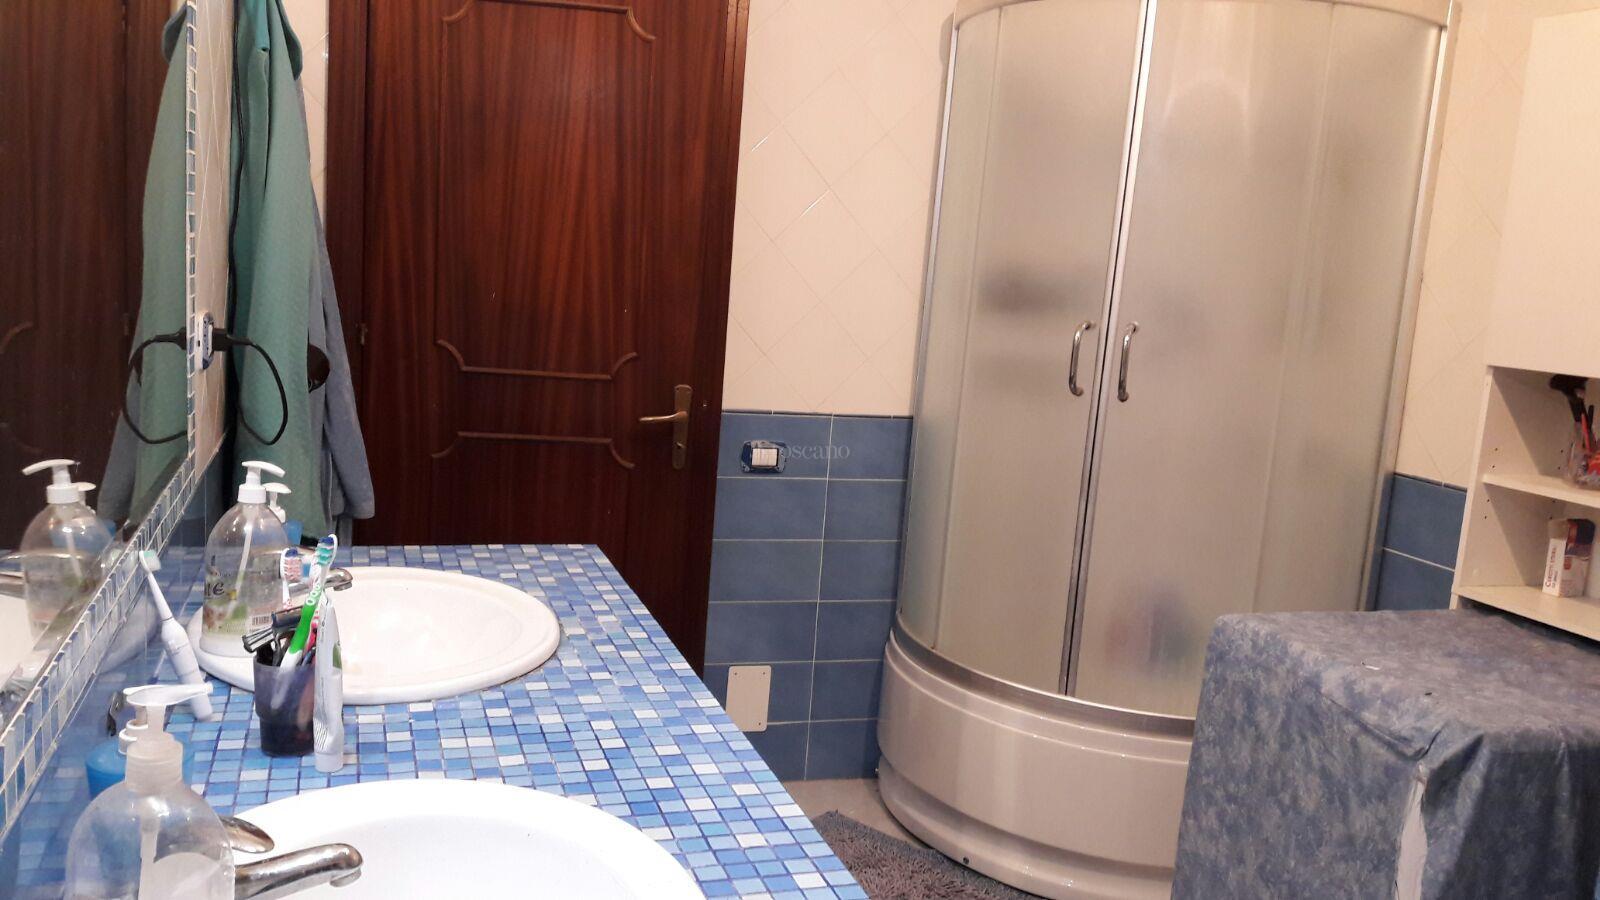 vendita casa a palermo in via aquino  santicelli 23  2017